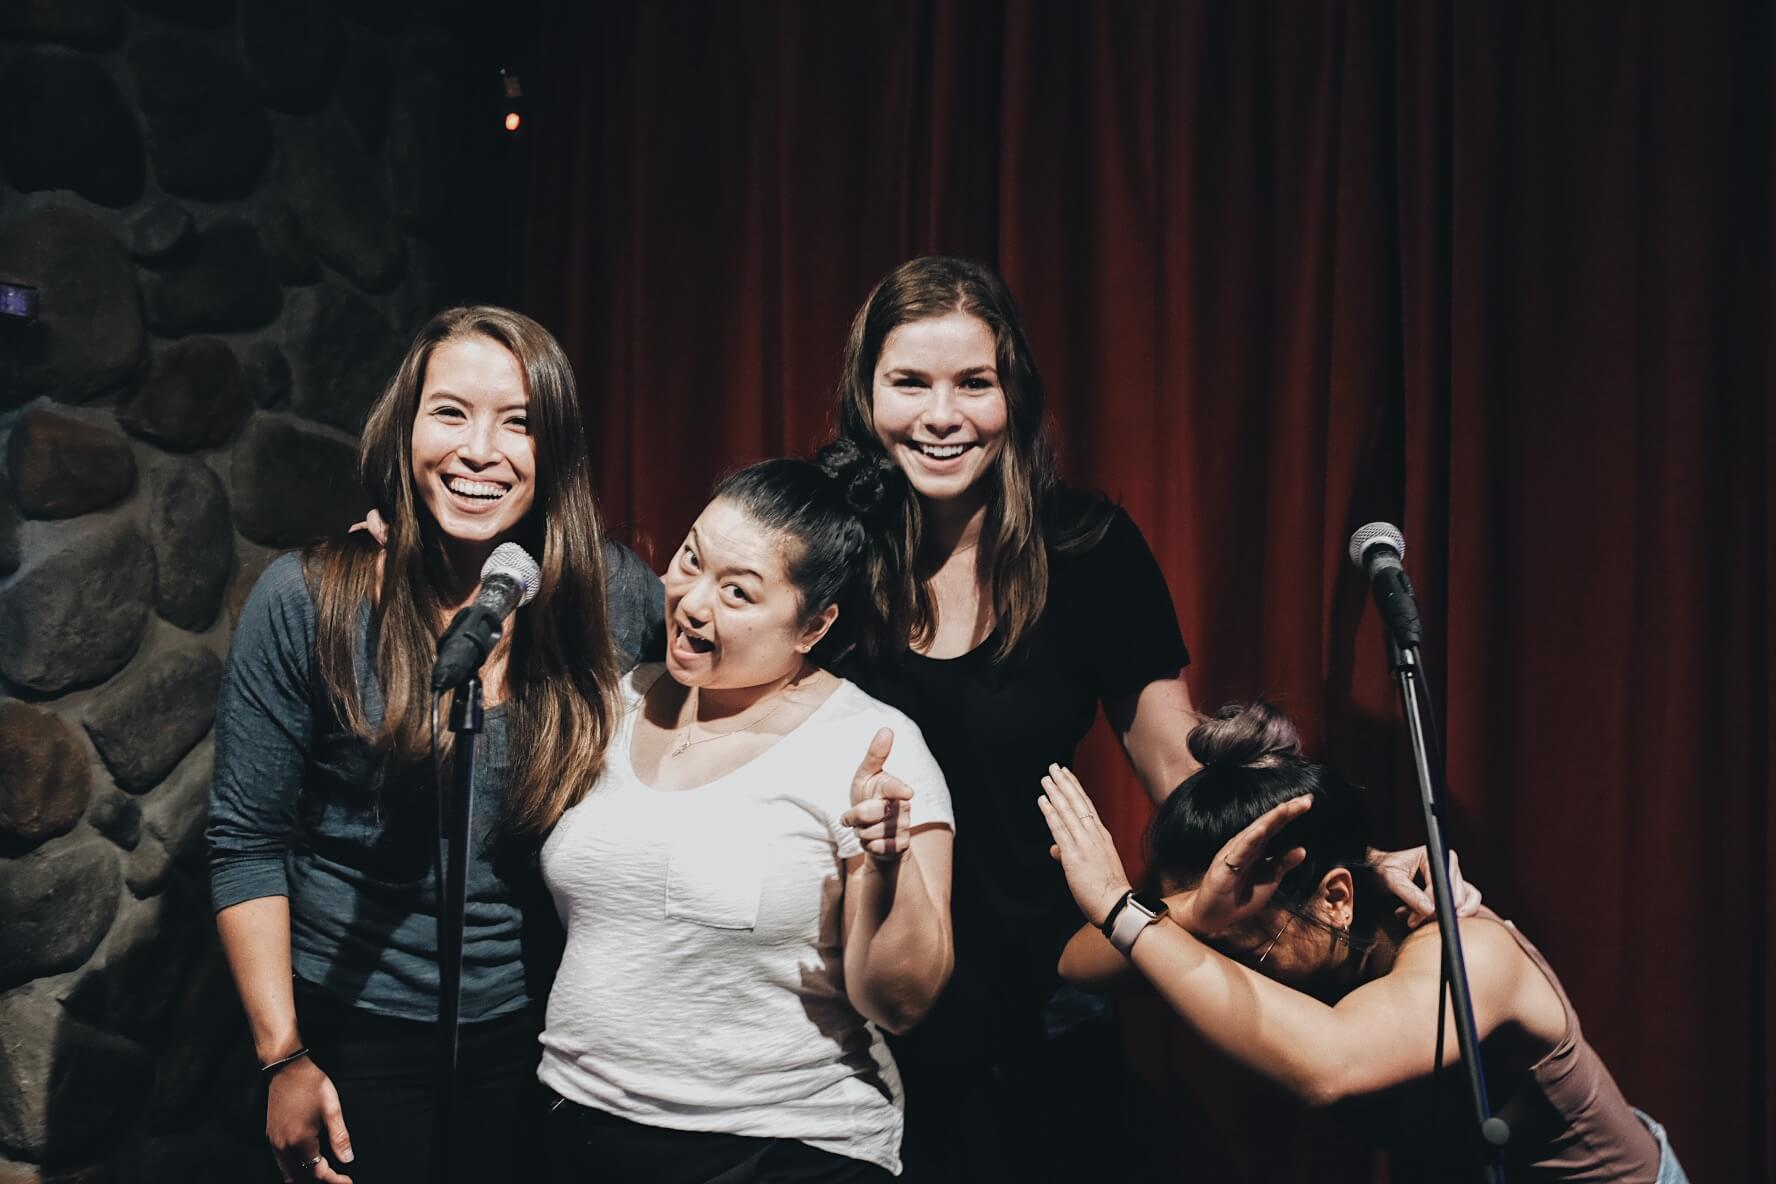 The epic karaoke battles at MetaLab's Remote Summit